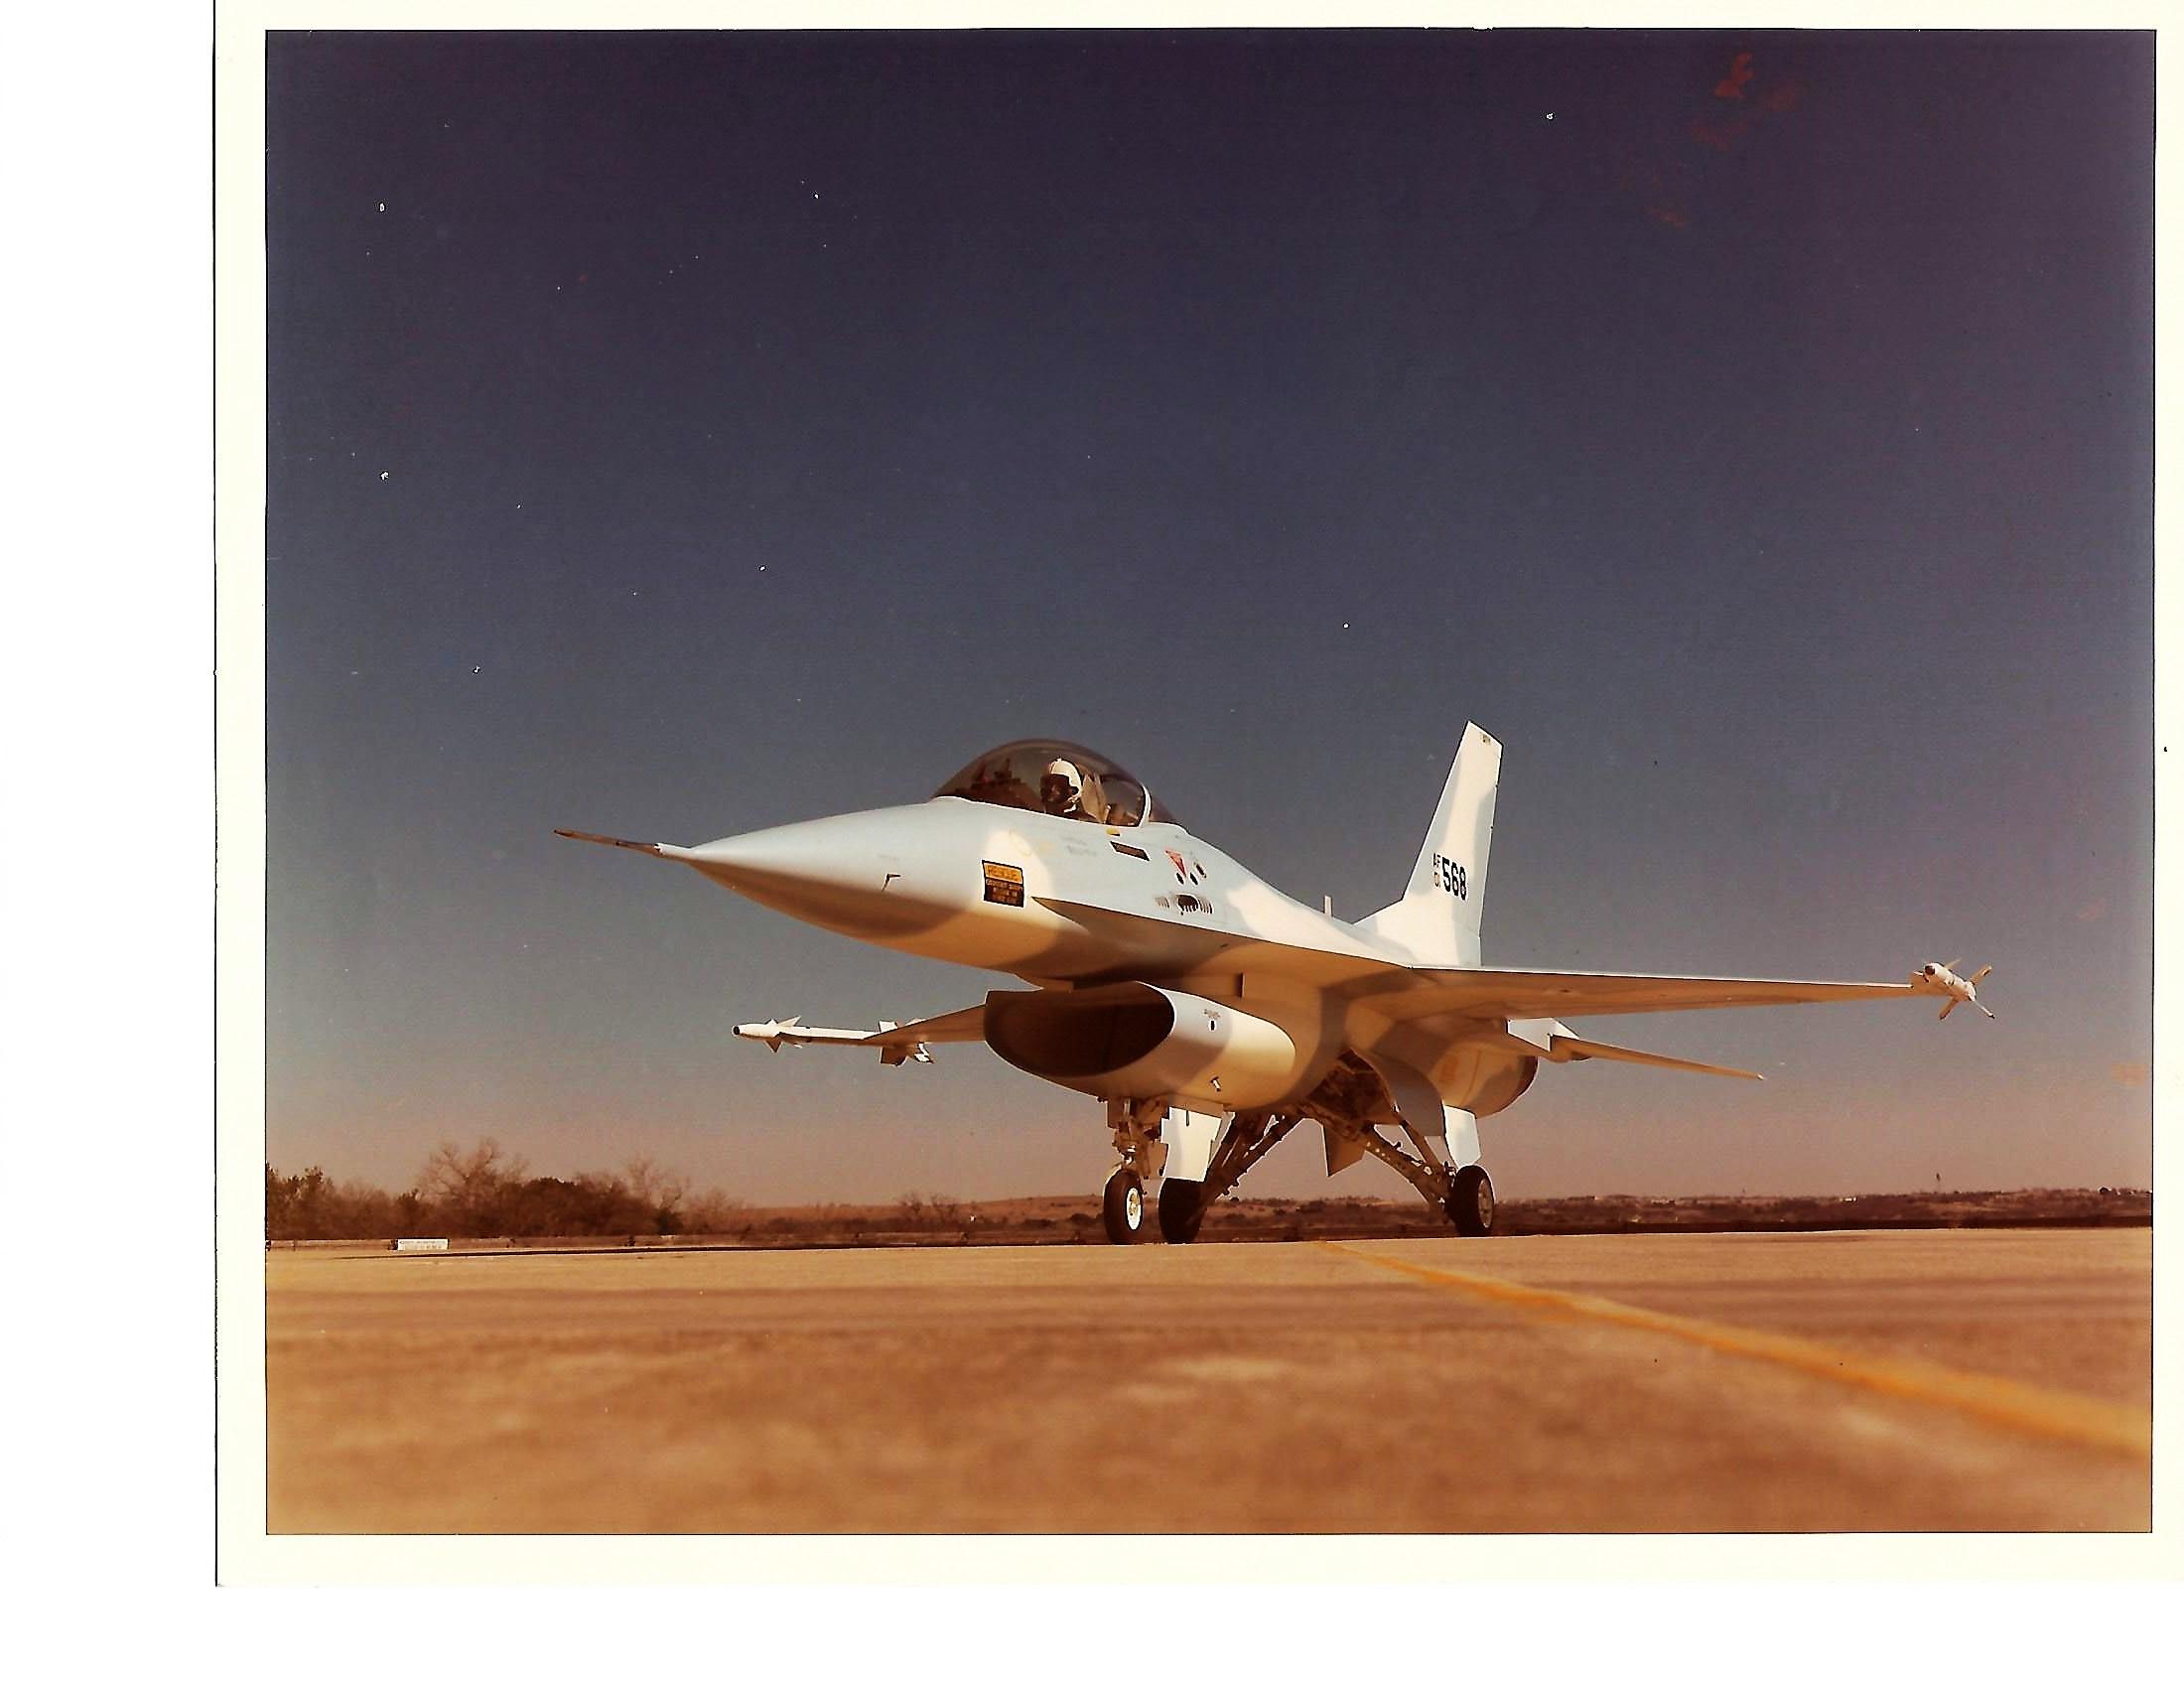 F-16 A Promo Pic